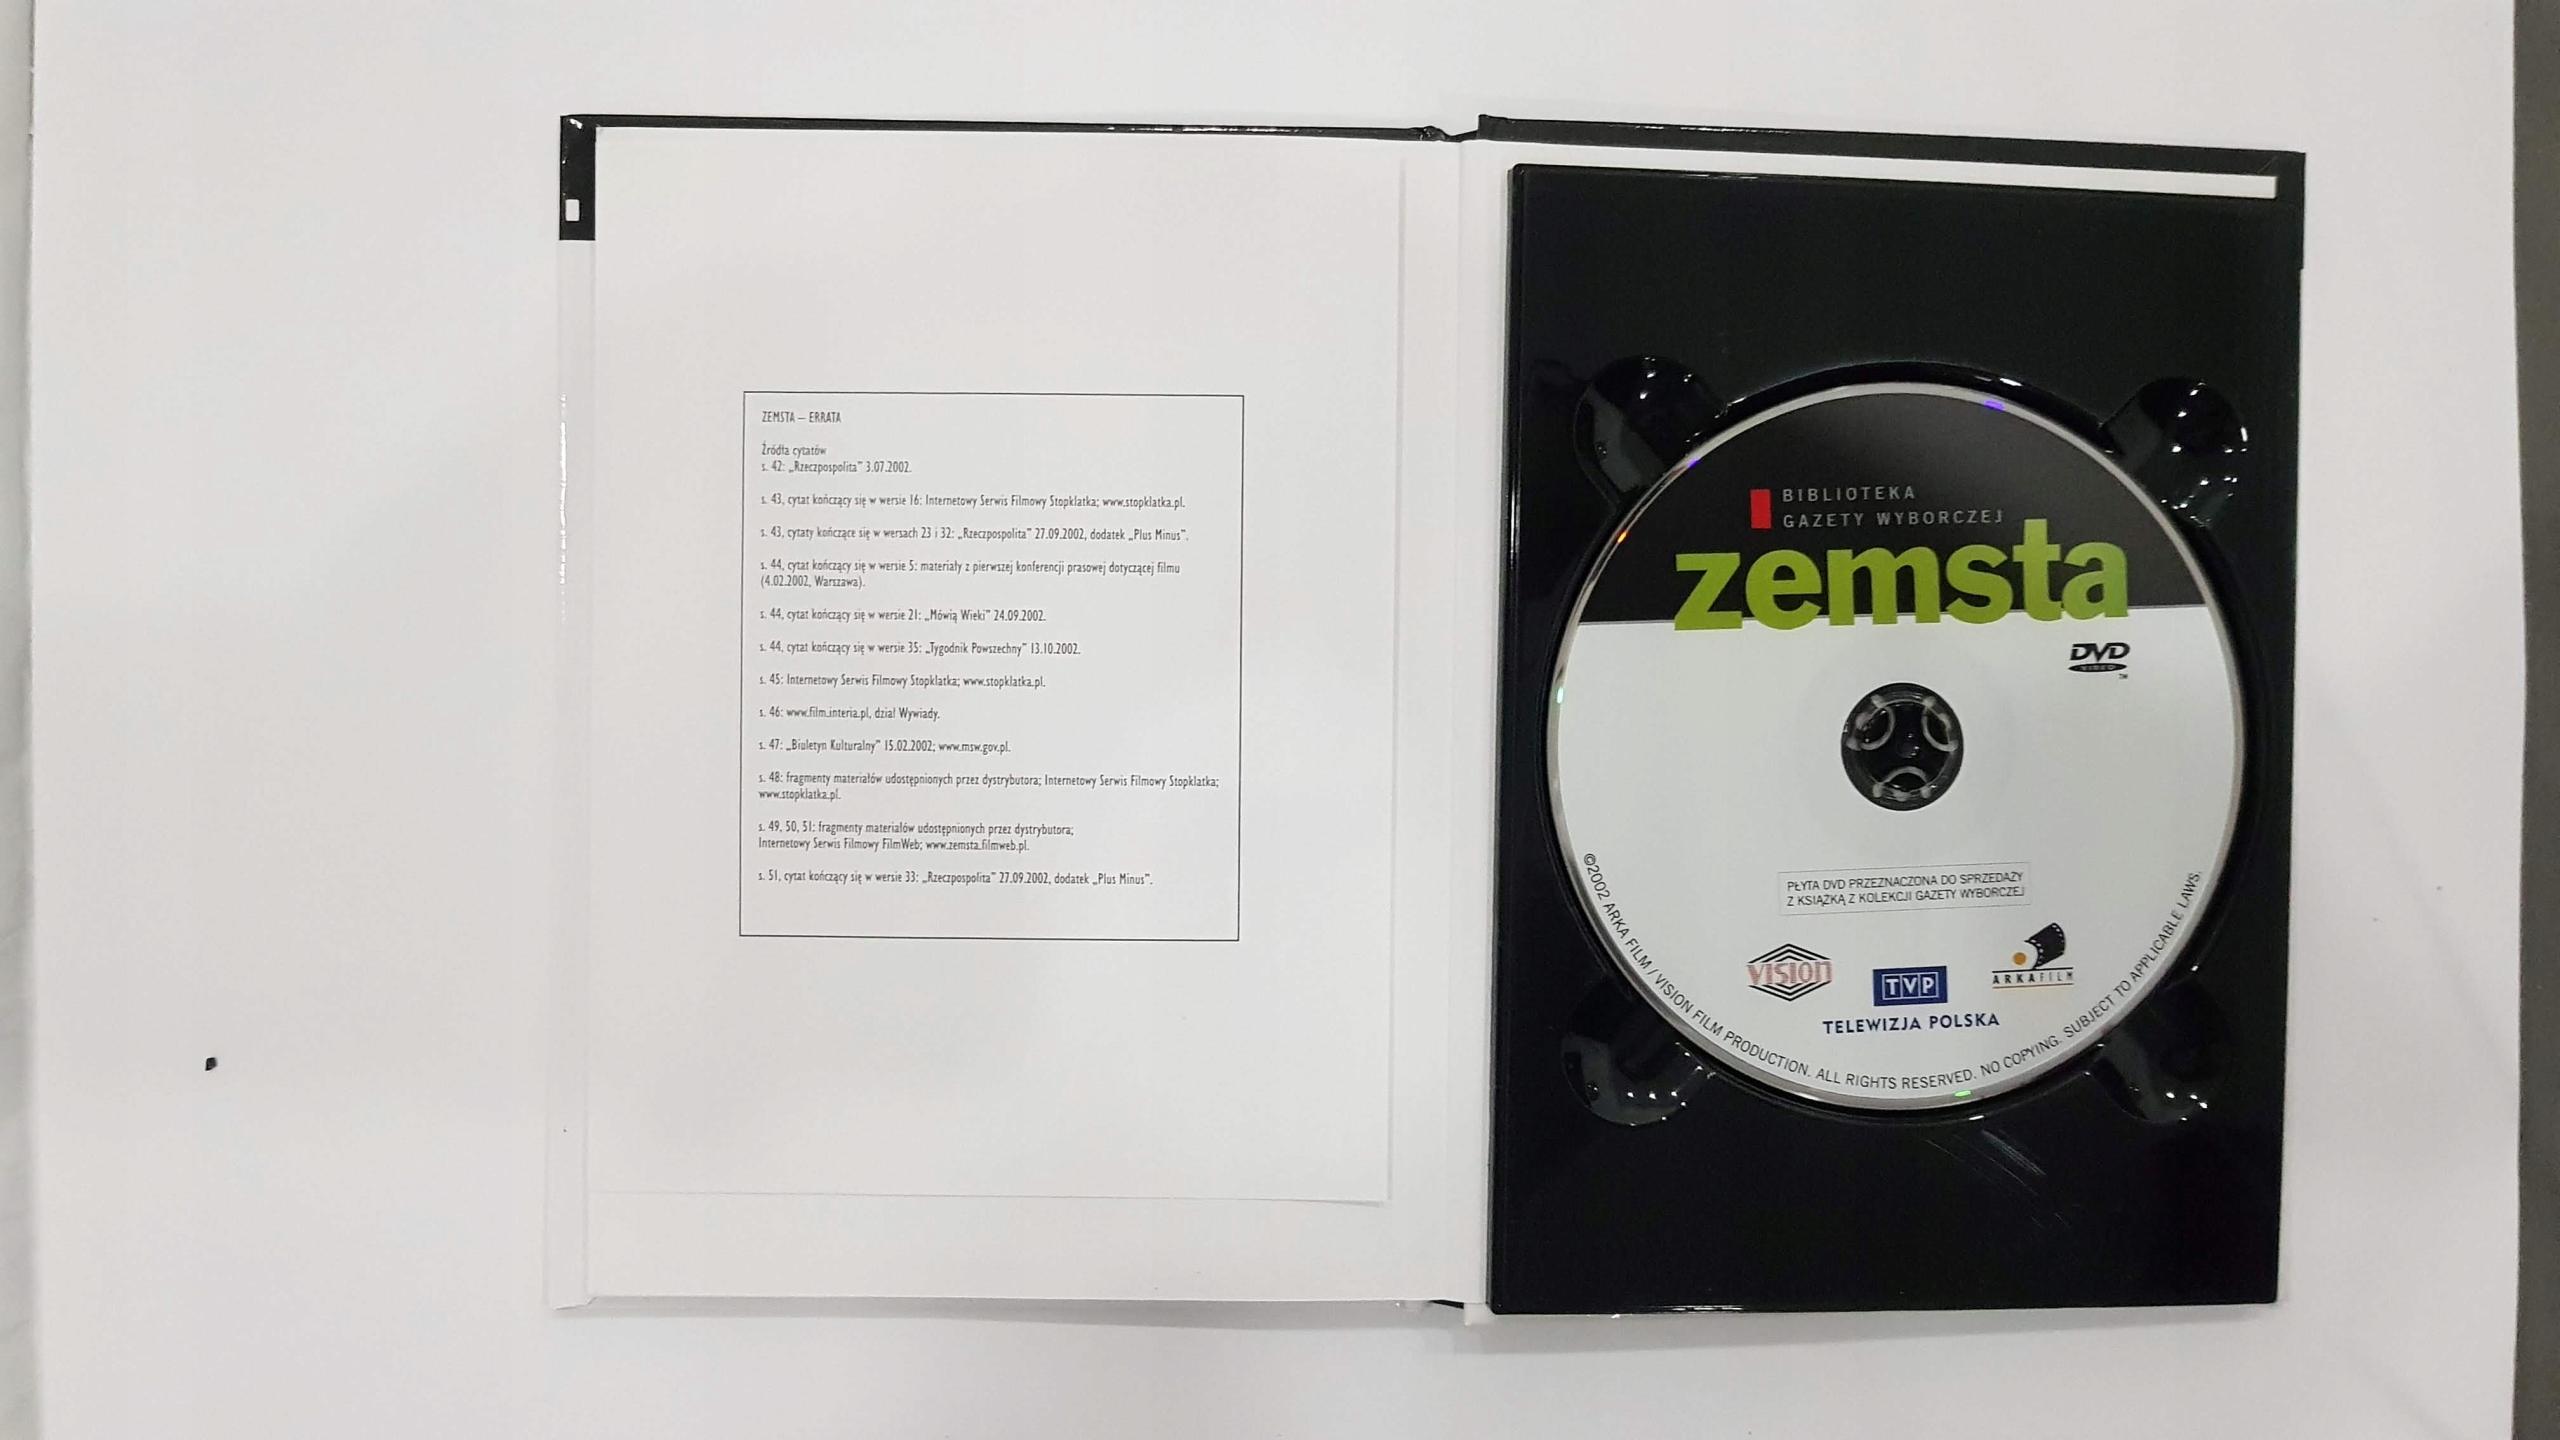 zemsta DVD